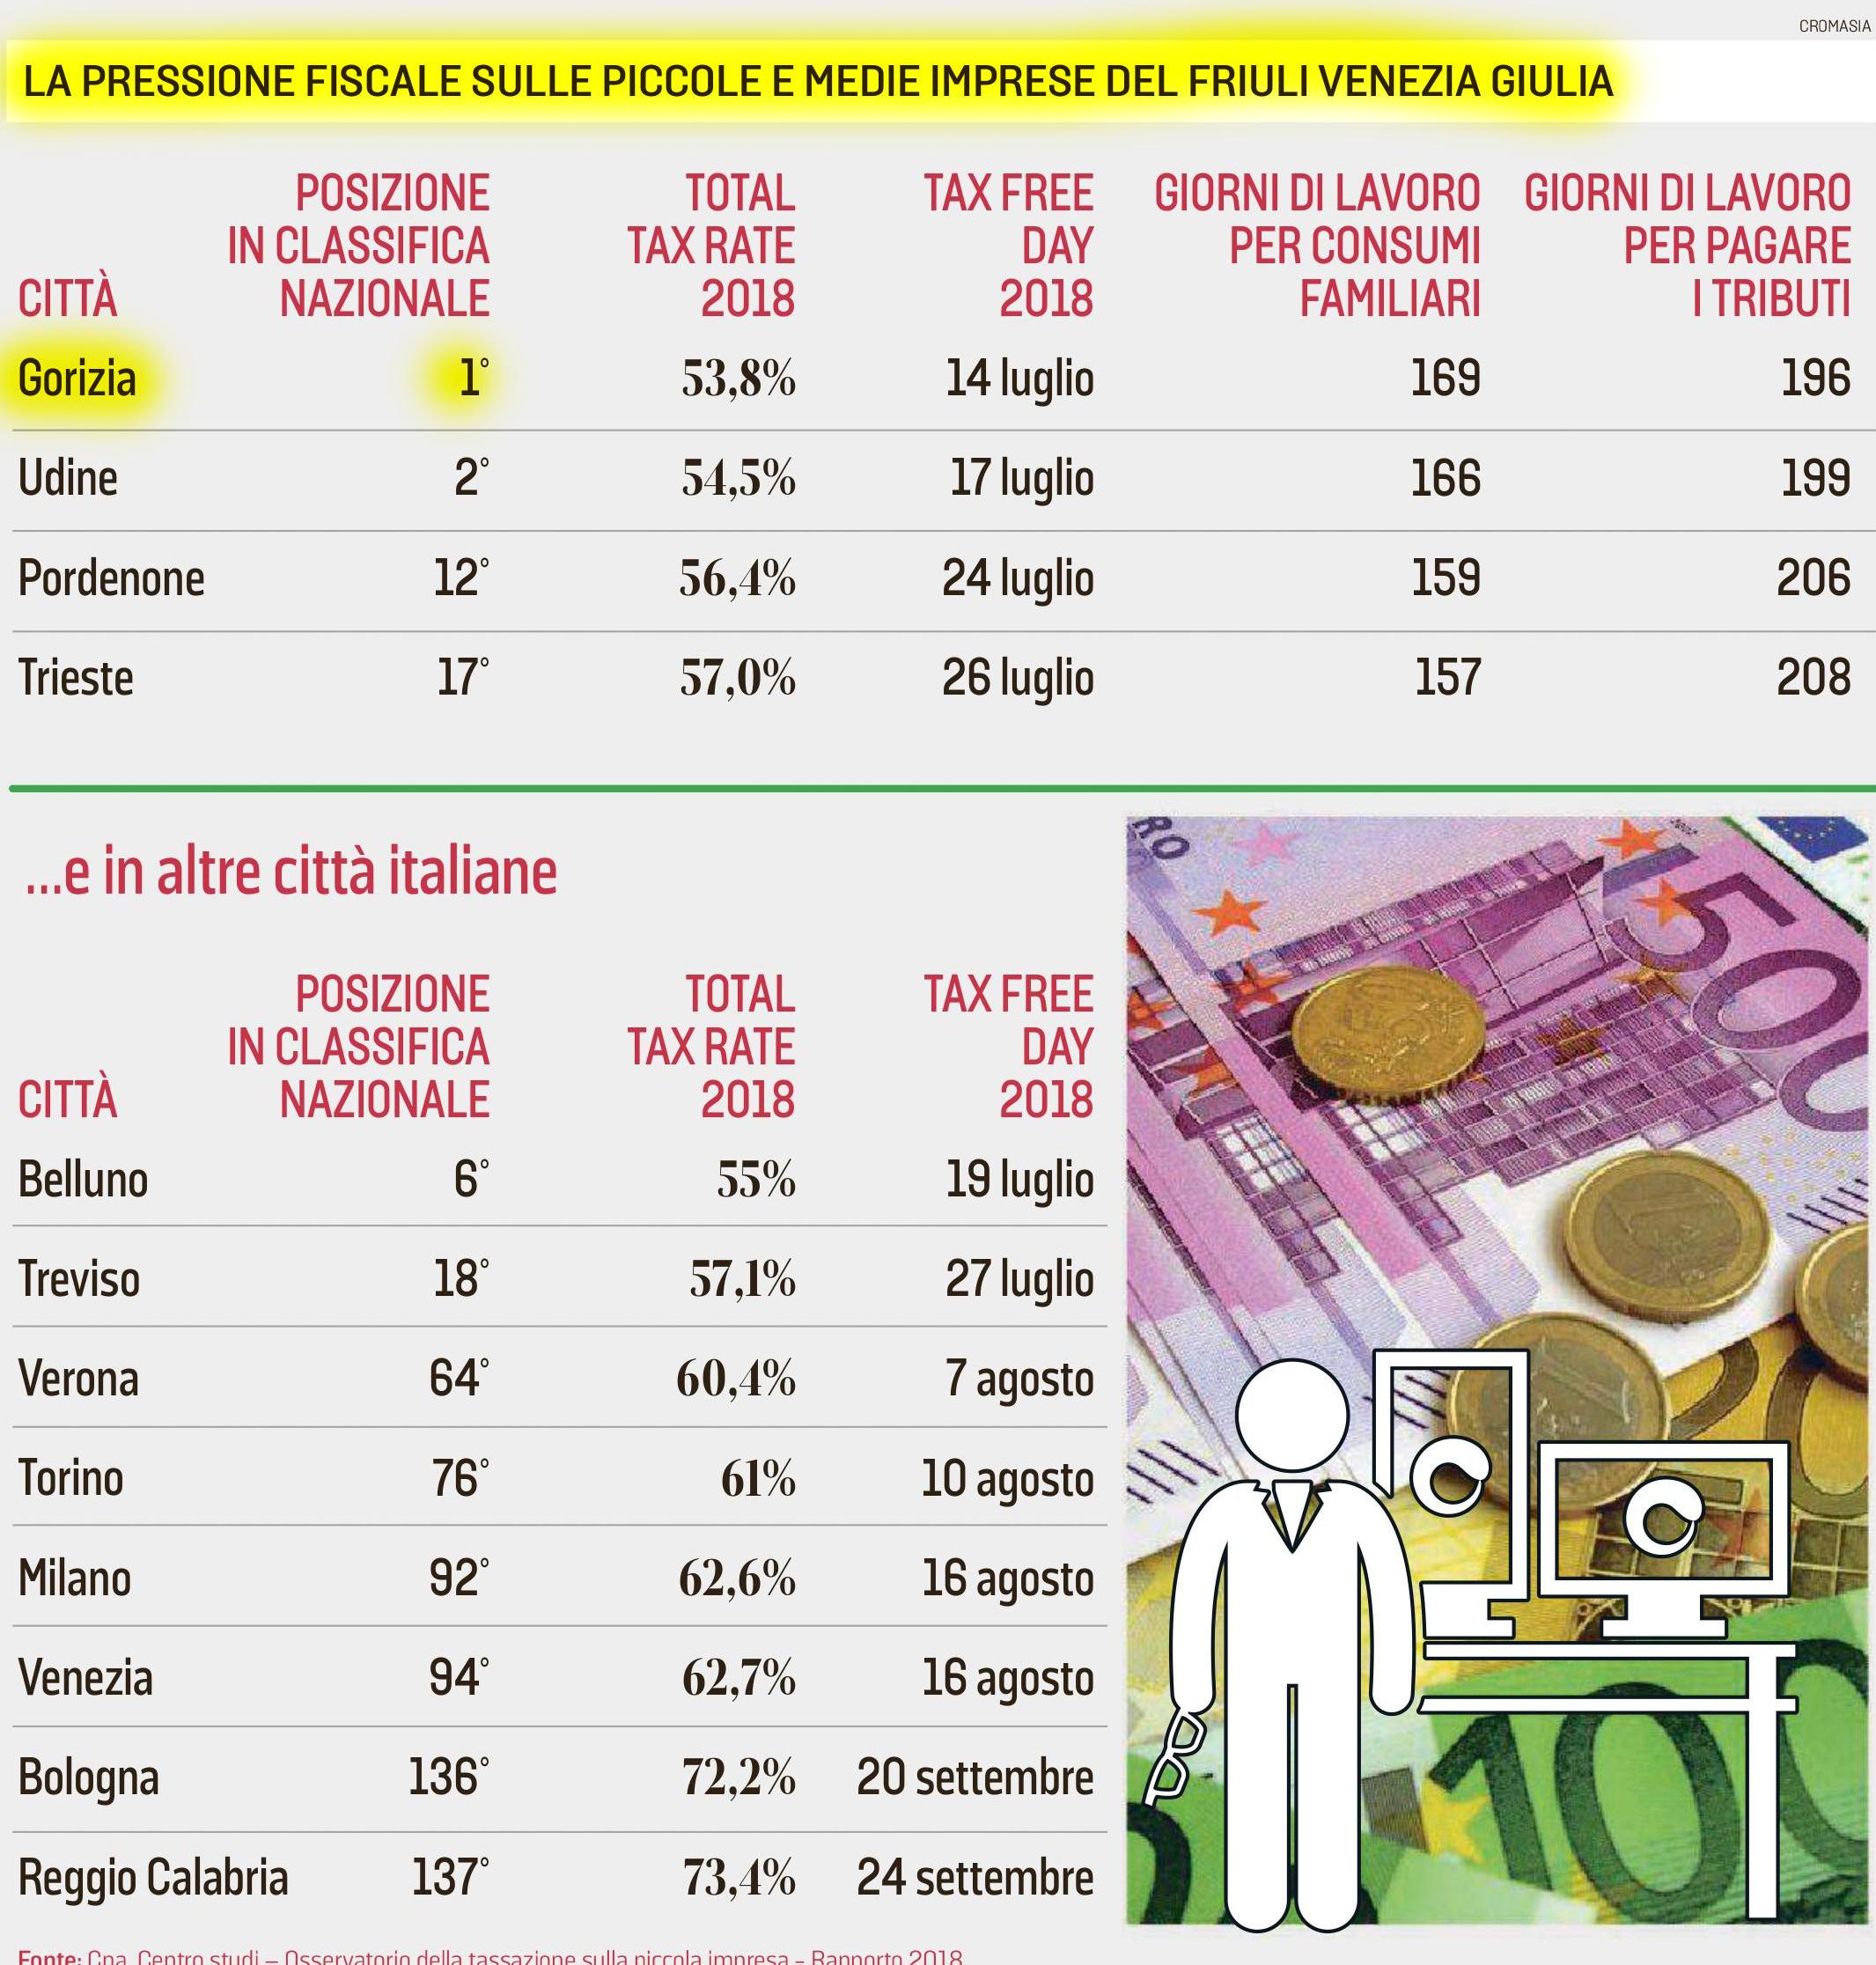 tabella con dati pressione fiscale pmi del friuli venezia giulia